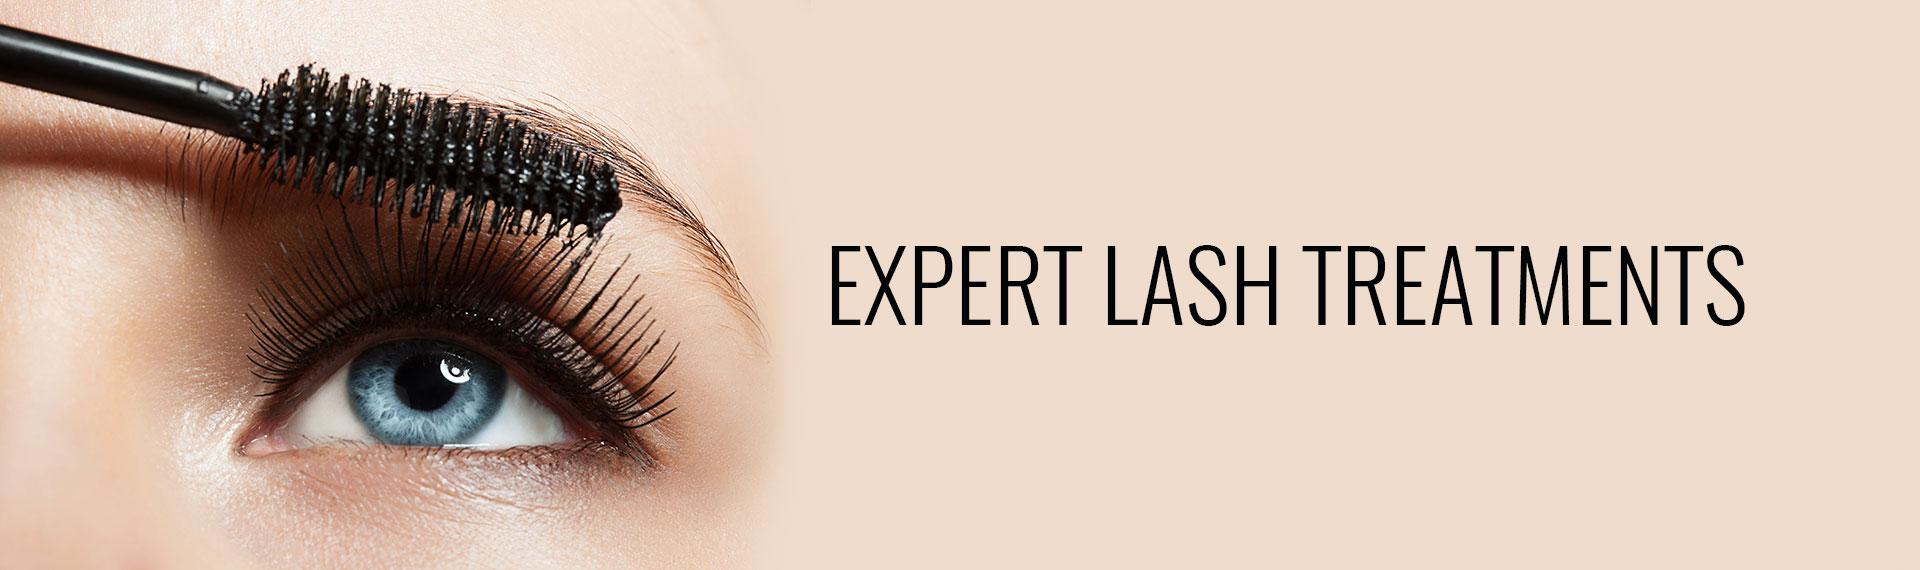 Expert Lash Treatments inner banner